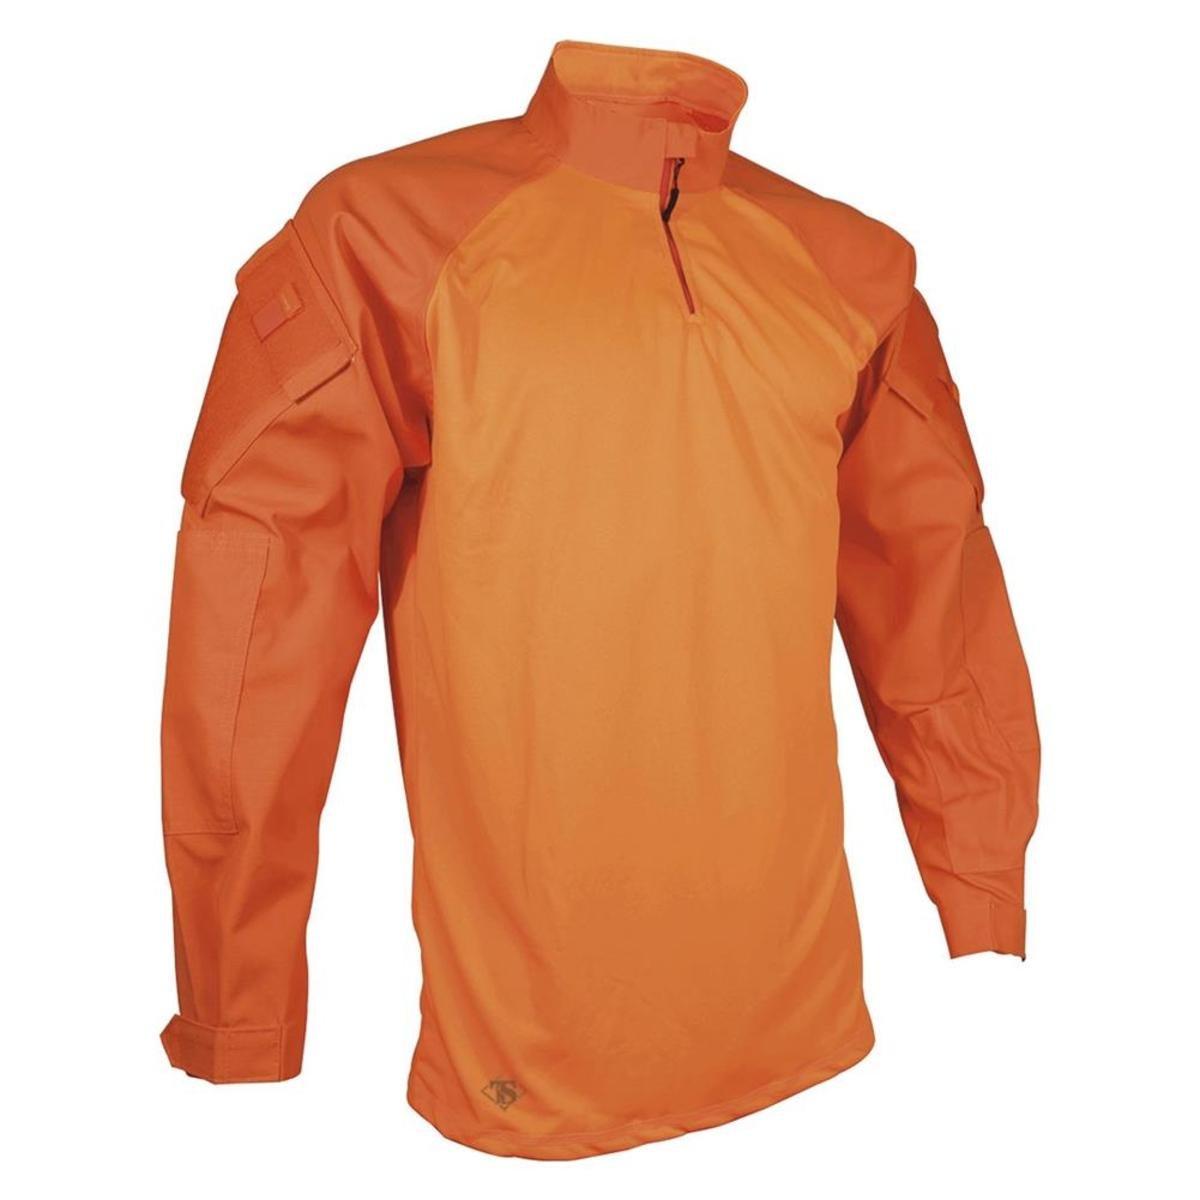 Tru-Spec Combat Shirt, Tru Org P/C Twill 1/4 Zip, Orange, Mr by Tru-Spec